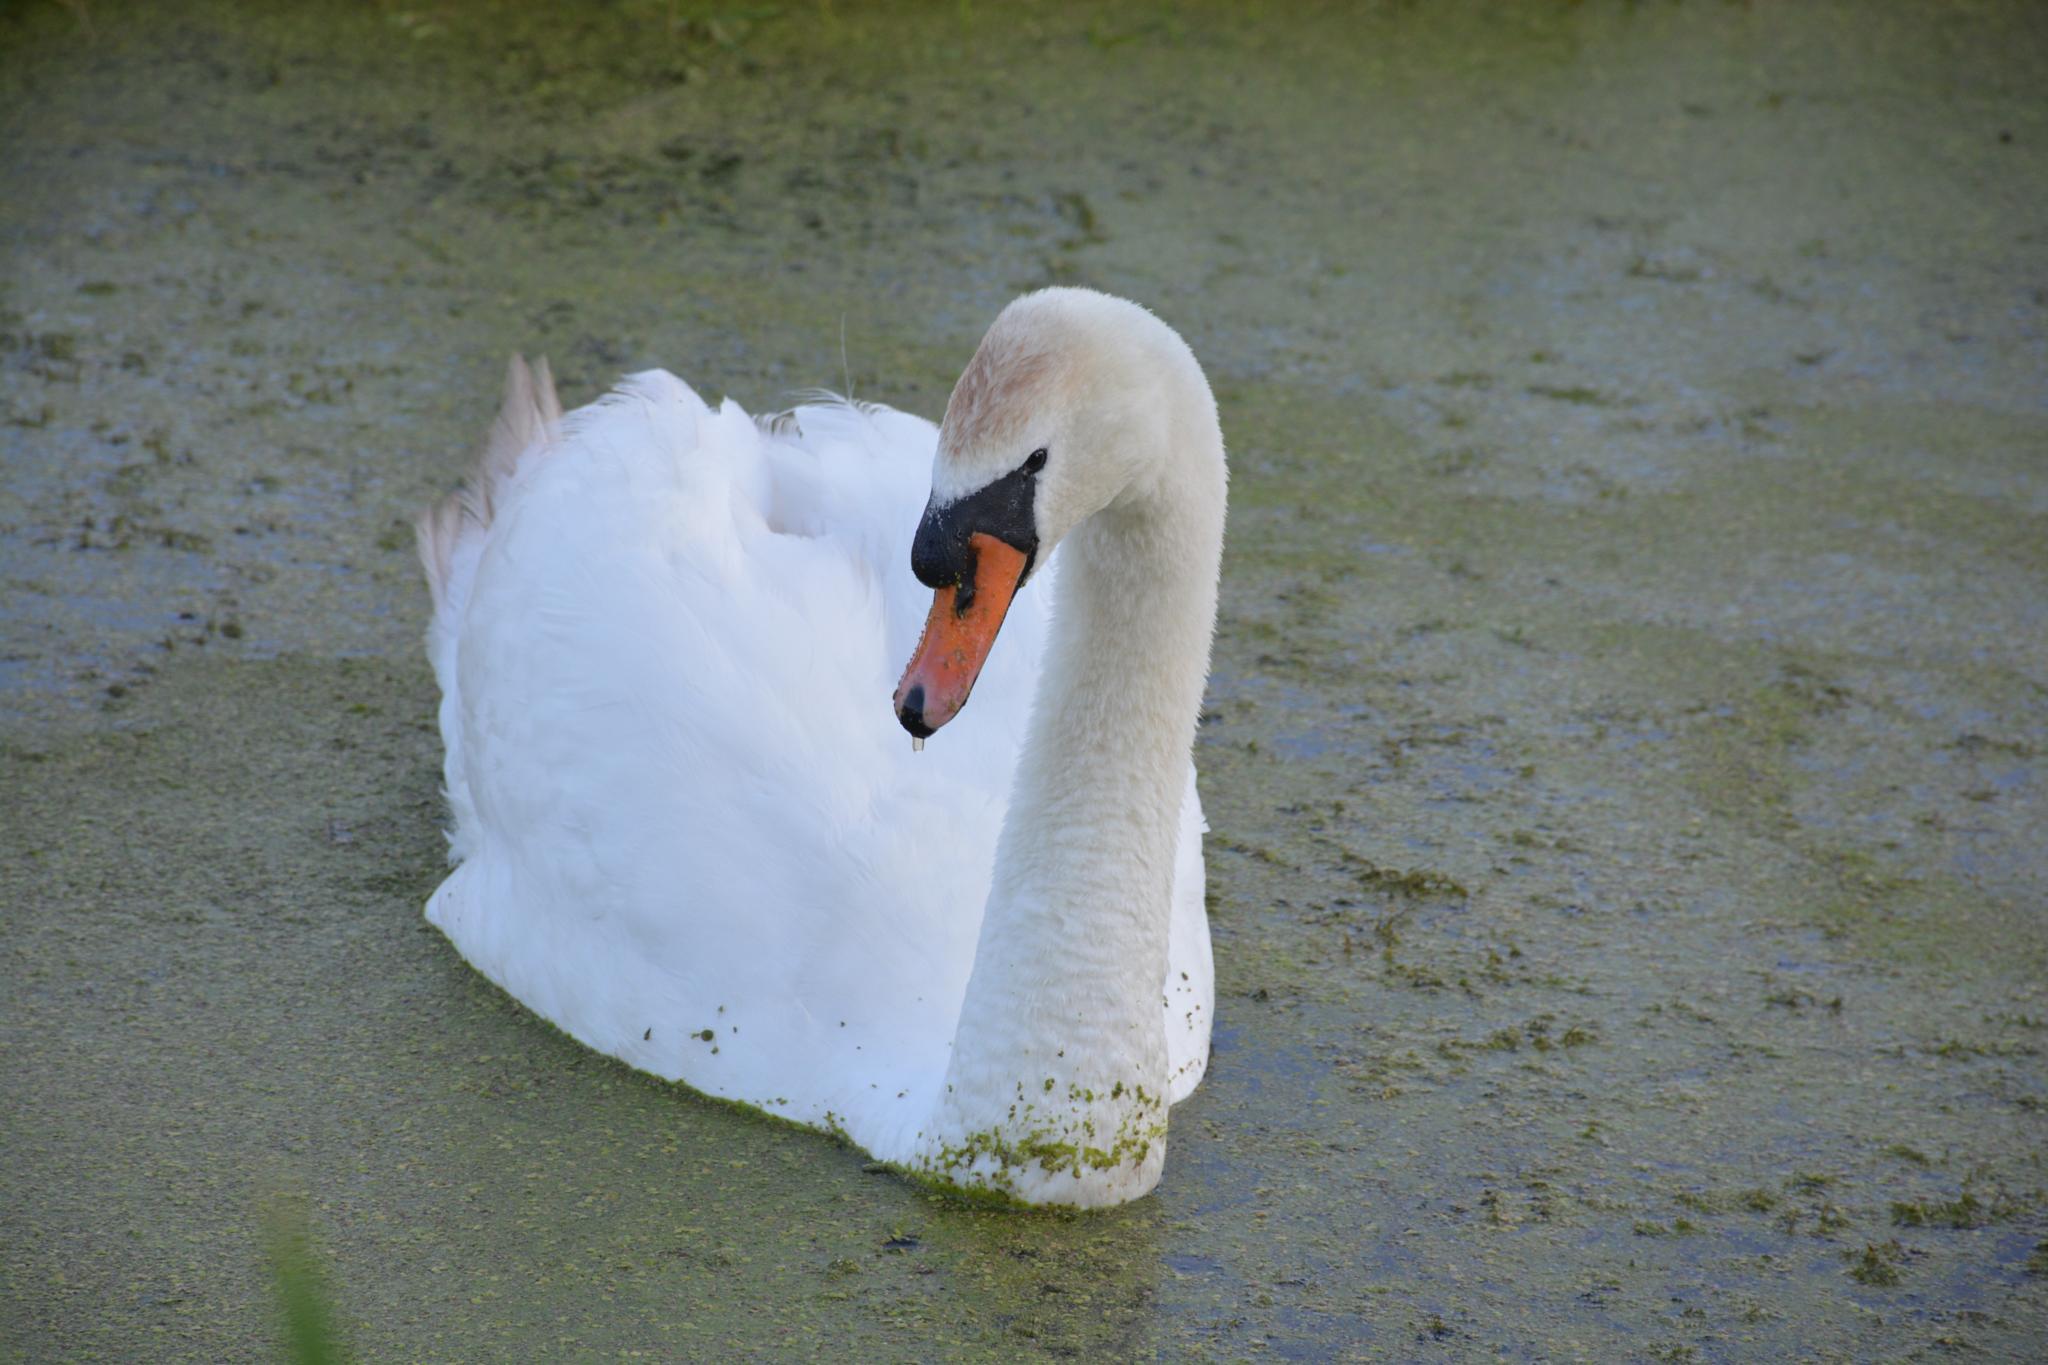 zwaan/swan by viola visbeen